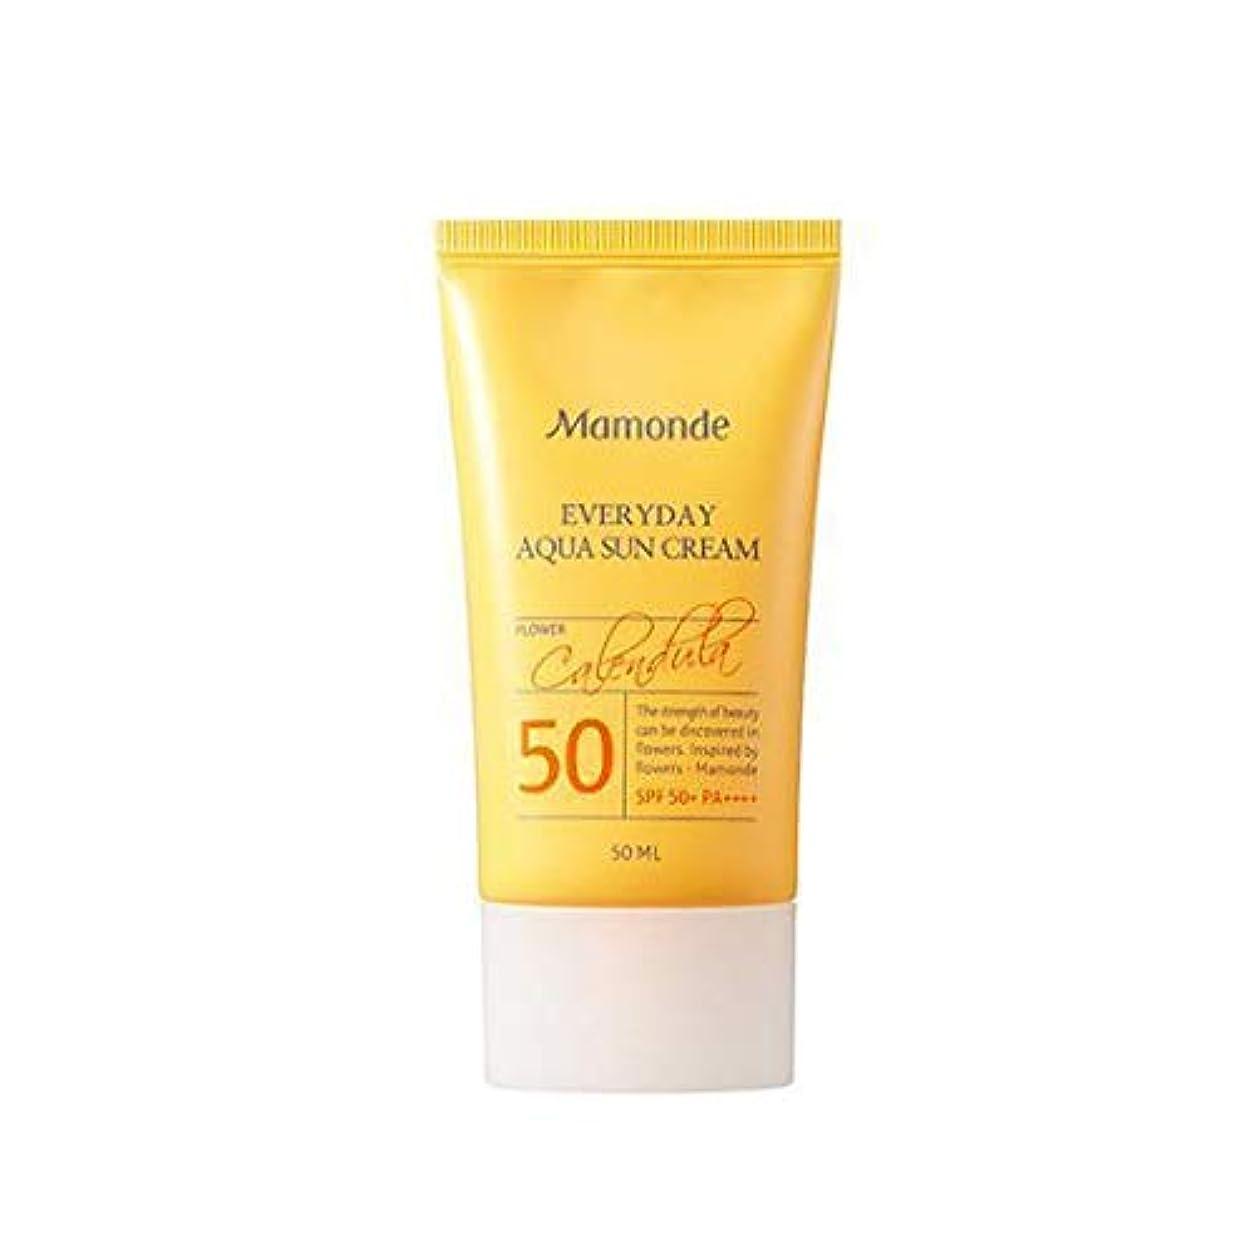 以内に成長する流MAMONDE マモンド エブリデイアクアサンクリーム (50ml),SPF50+PA++++ Everyday Aqua Sun Cream 韓国日焼け止め